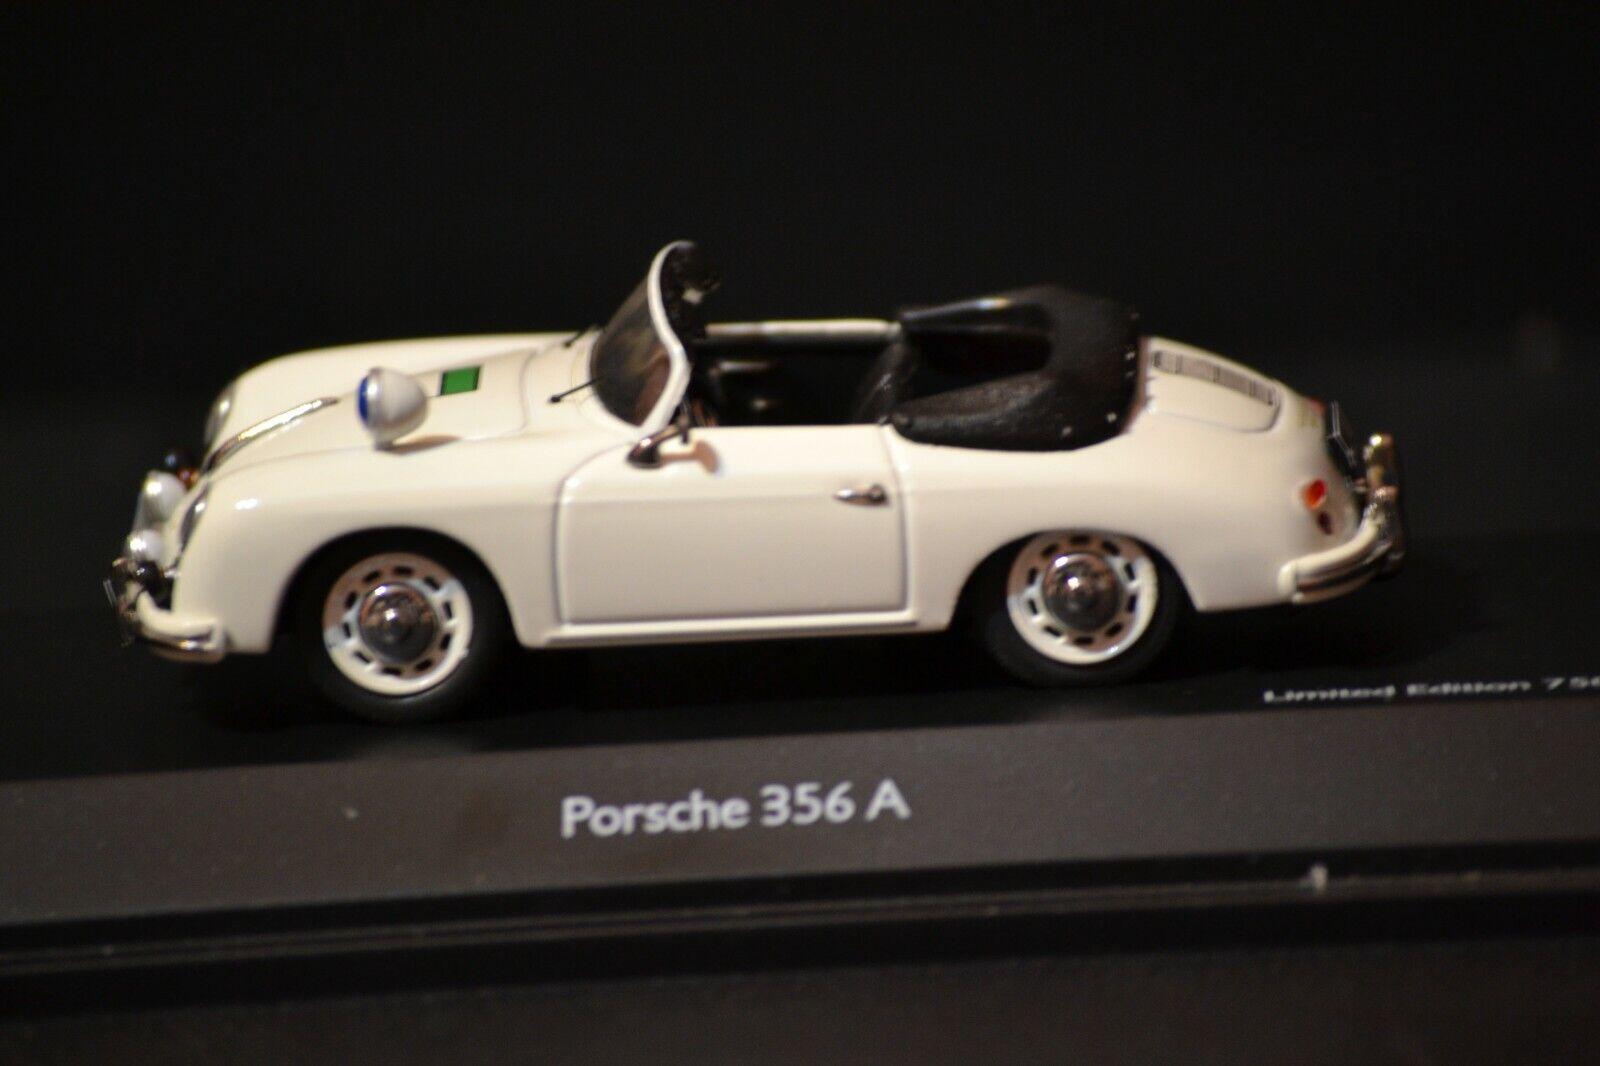 Porsche 356 A Congreenible Police 1957 in 1 43 Schuco Limited Dealer Edition